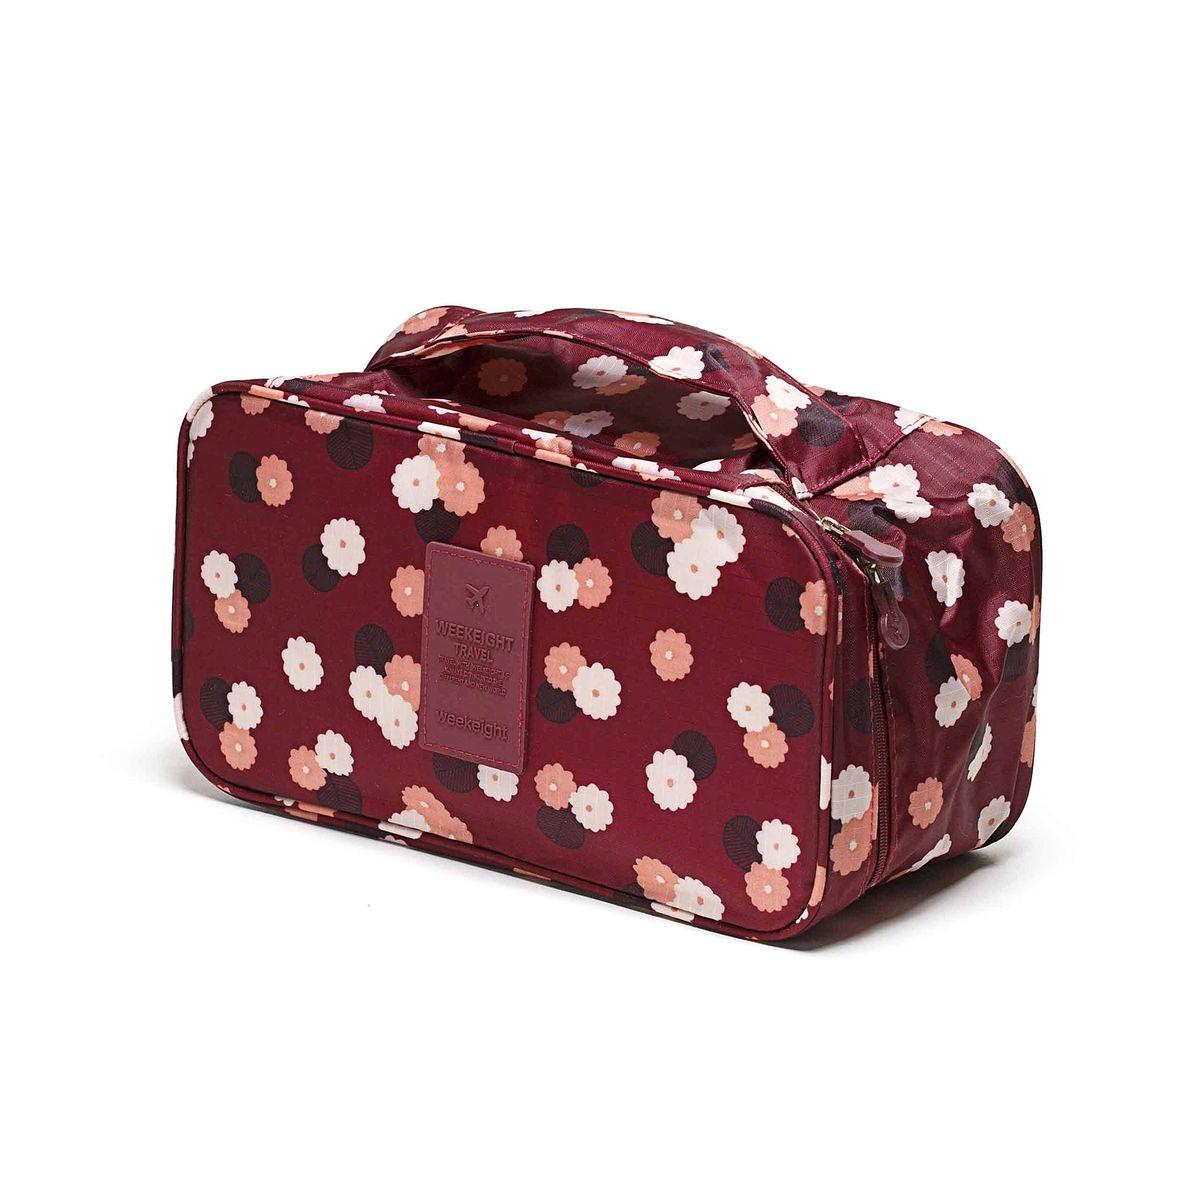 Косметичка-органайзер Homsu Цветок, цвет: бордовый, белый, розовый, 28 x 13 x 15 смHOM-356Косметичка-органайзер Homsu Цветок выполнена из высококачественного полиэстера. Закрывается изделие на застежку-молнию. Внутри имеется 4 отделения для мелочей, а также дополнительная сумочка размером 22 х 14 см, которая крепится к косметичке посредством липучки и надежно защищает ваши вещи за счет удобной молнии. Теперь вы сможете всегда брать с собой все, что вам может понадобиться. Сверху органайзера имеется ручка для удобной переноски. Косметичка-органайзер Homsu Цветок станет незаменимым аксессуаром для любой девушки.Размер косметички: 28 х 13 х 15 см. Размер сумочки: 22 х 14 см.